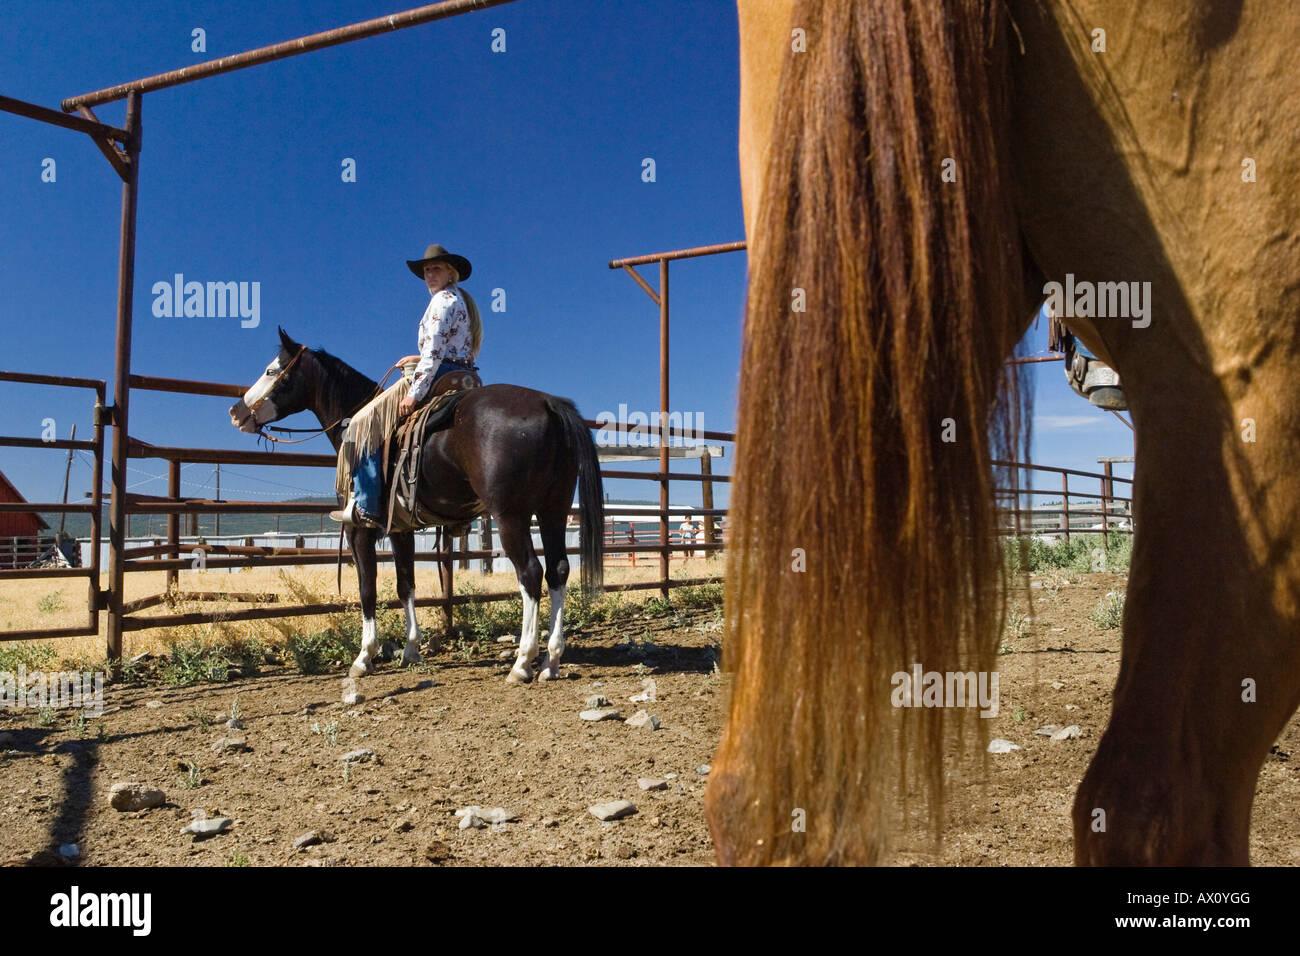 Cowgirl y vaqueros trabajando en Rancho, wildwest, Oregón, EE.UU. Imagen De Stock